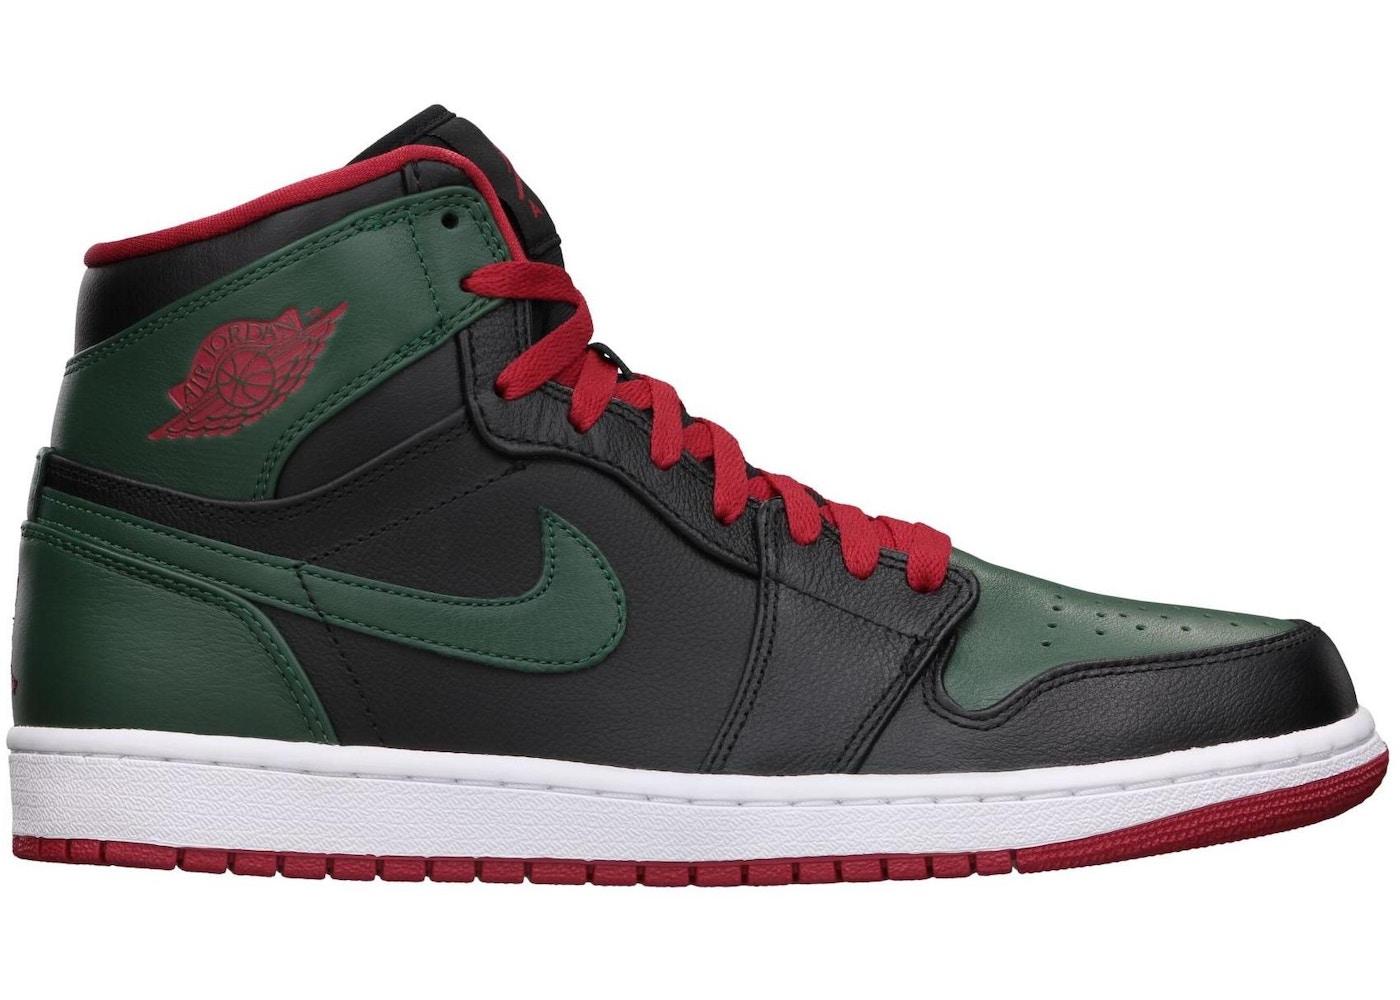 uk availability b4438 fc299 Jordan 1 Retro Green Gucci